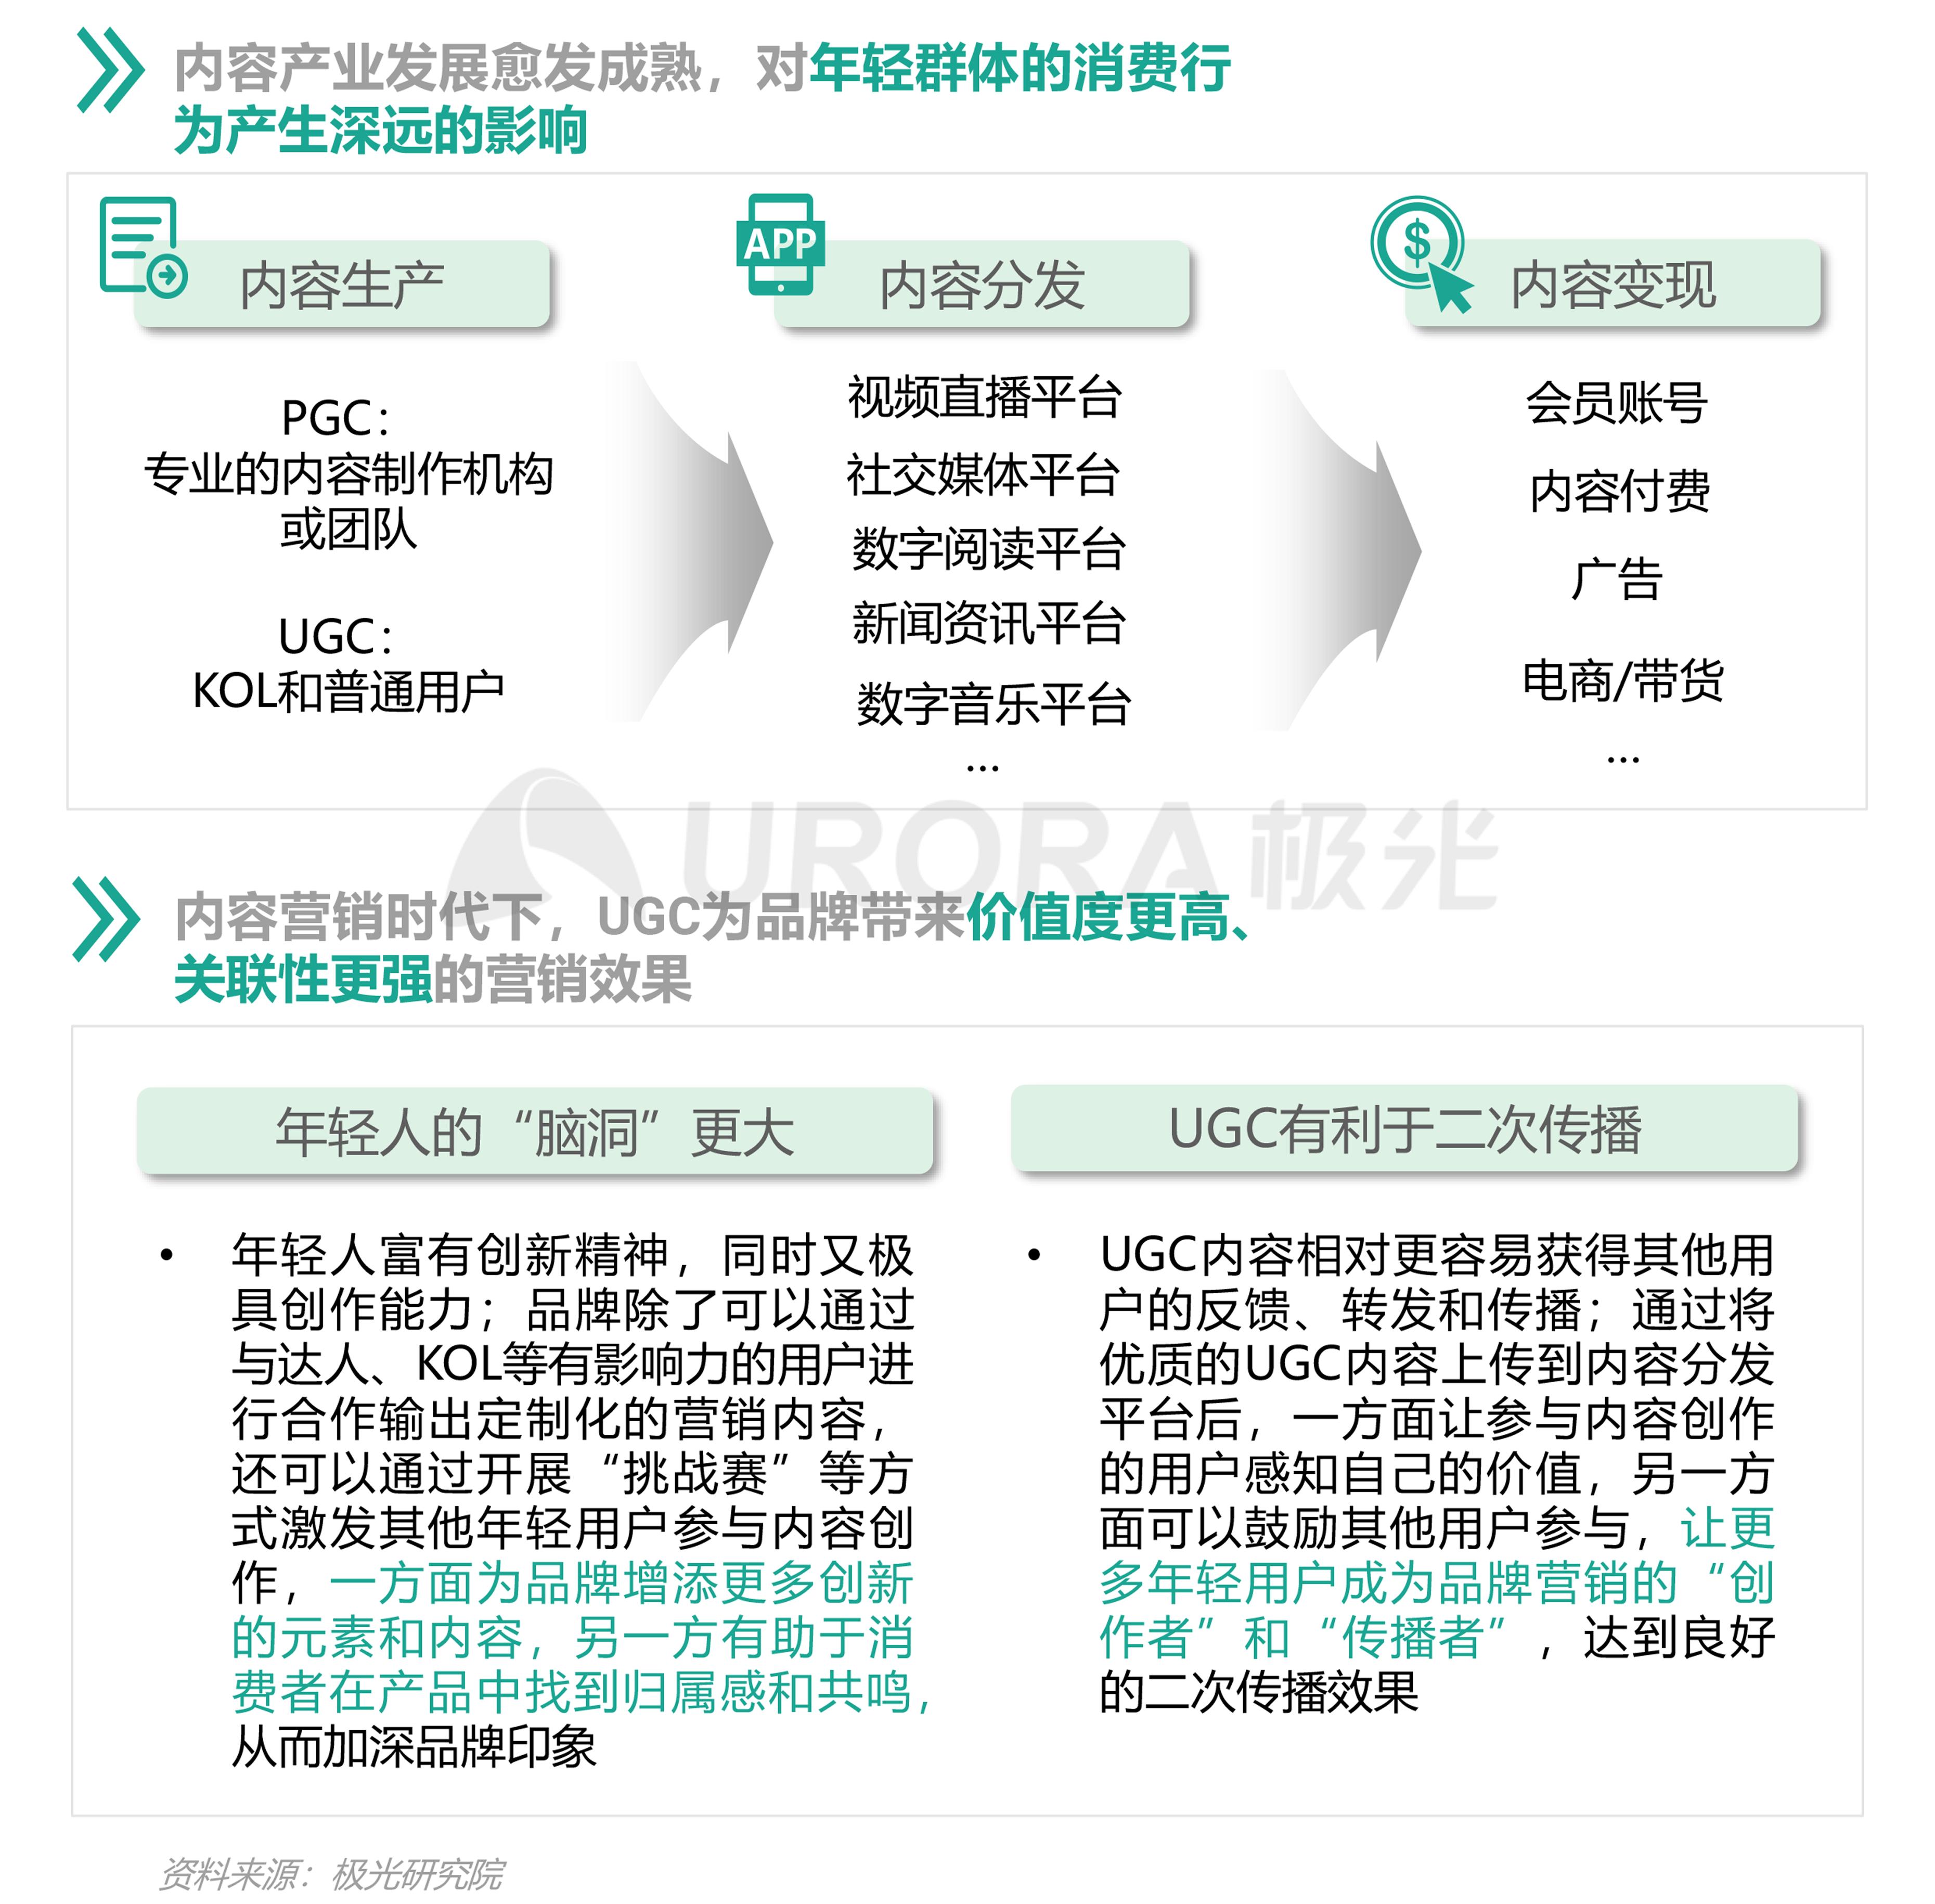 2021年轻人营销趋势研究报告【定稿】-32.png